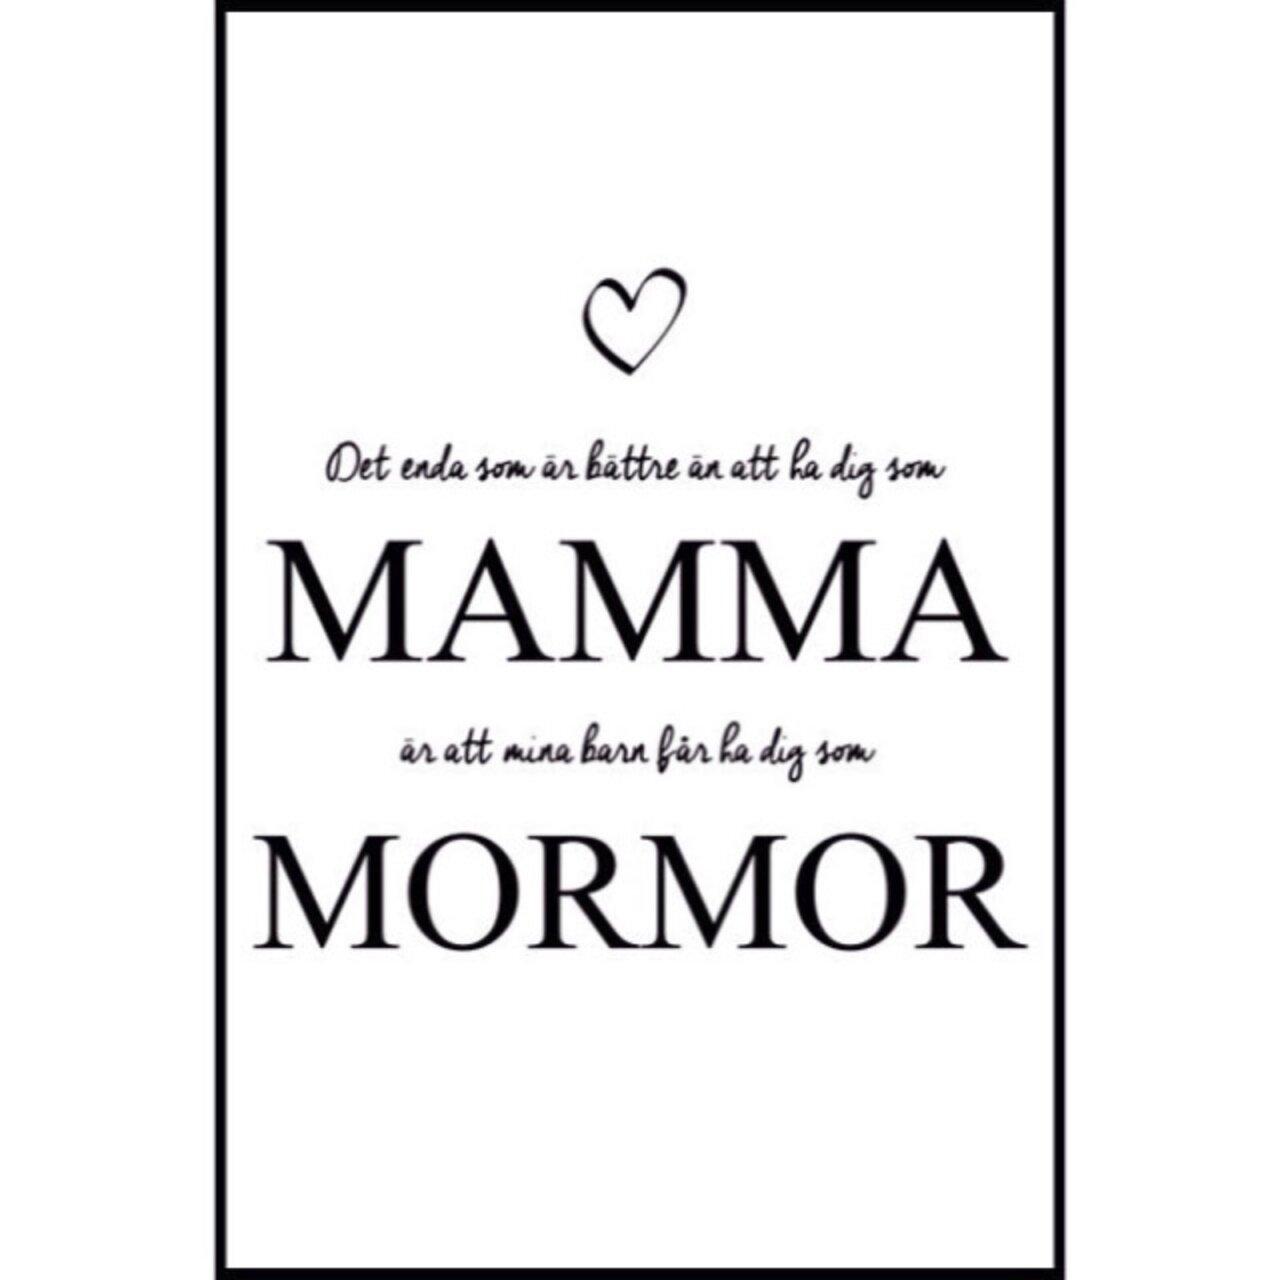 grattis mamma på mors dag GRATTIS MAMMA PÅ MORS DAG?? grattis mamma på mors dag